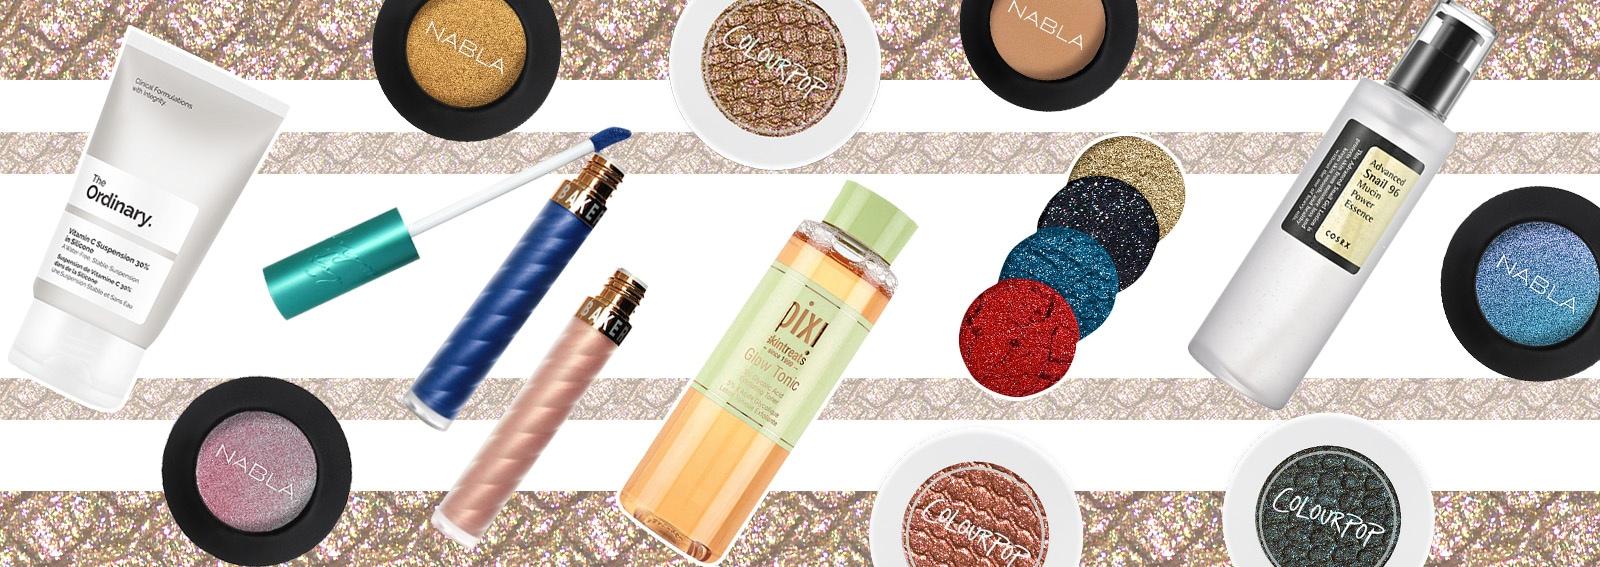 10 beauty brand che dovete assolutamente conoscere